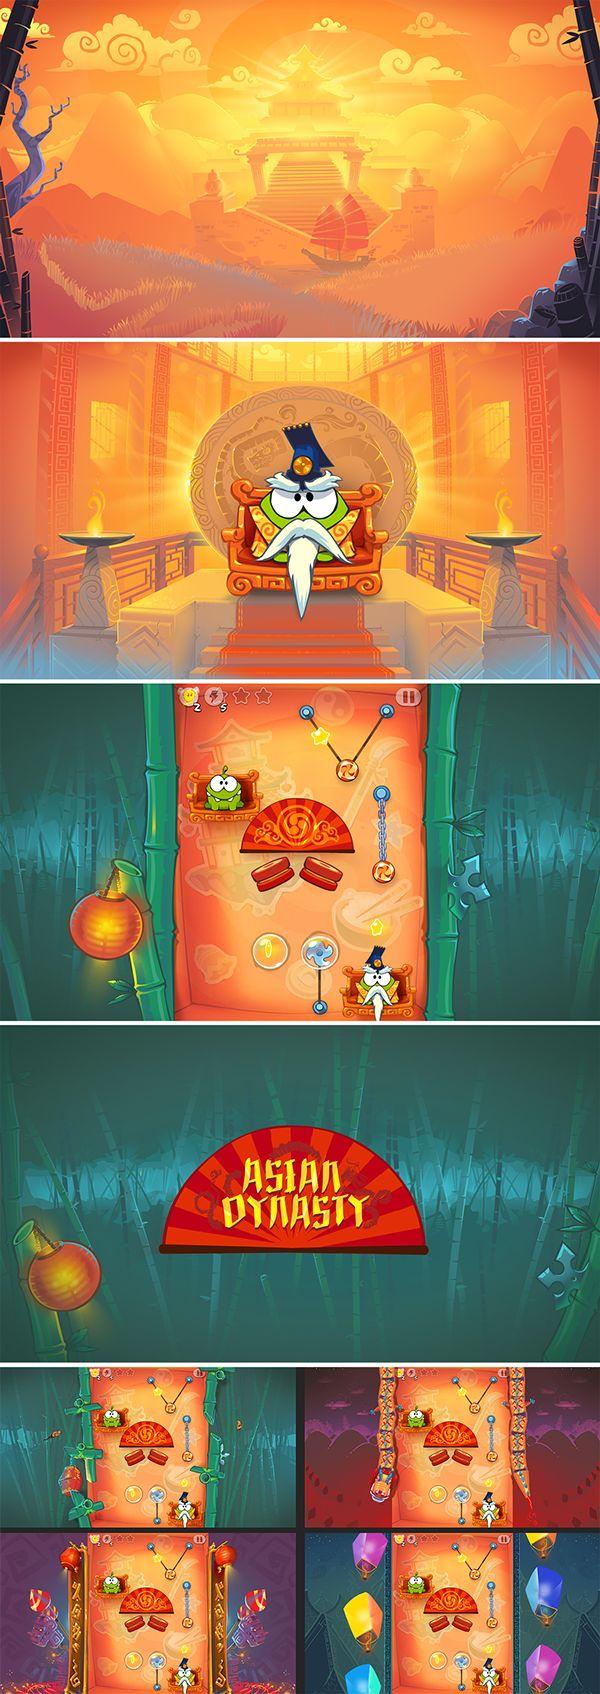 Game art on Behance